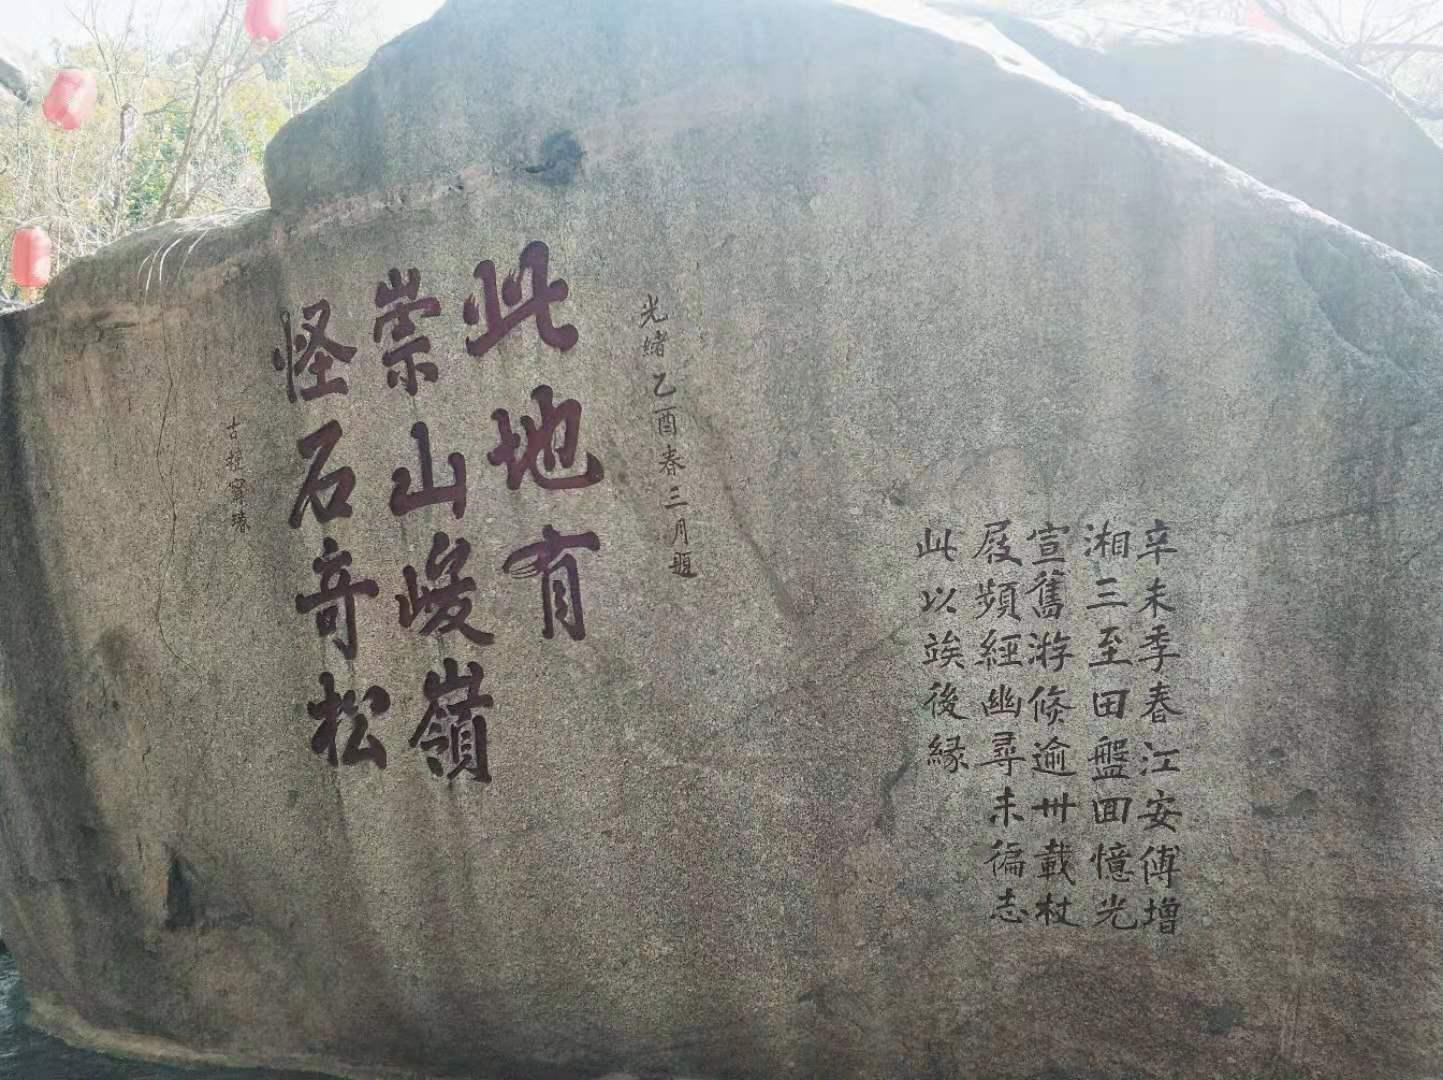 盘山景区的石刻